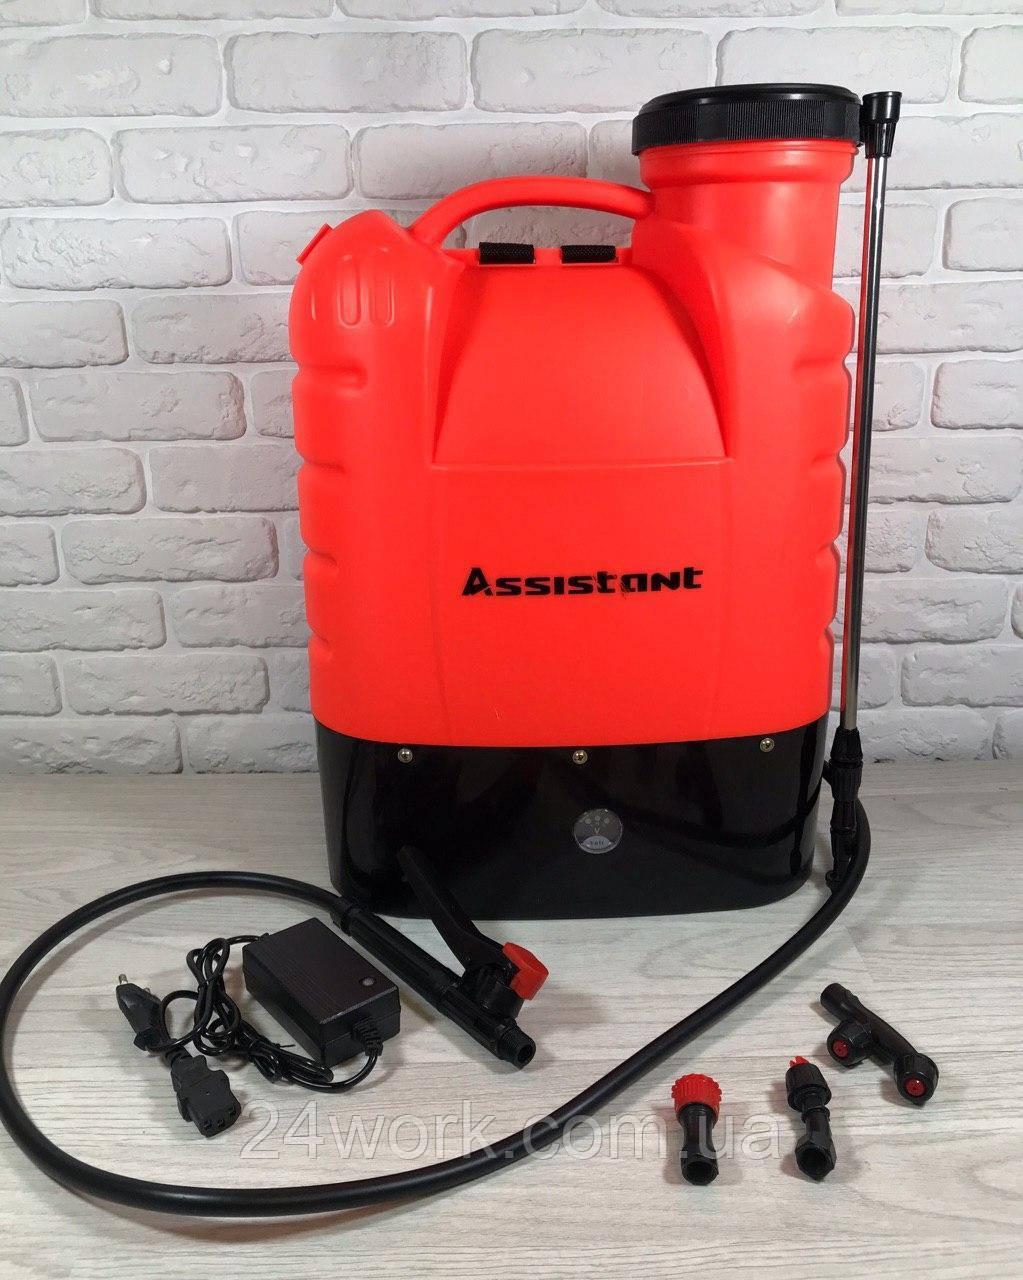 Опрыскиватель аккумуляторный садовый Assistant AS-16/3H